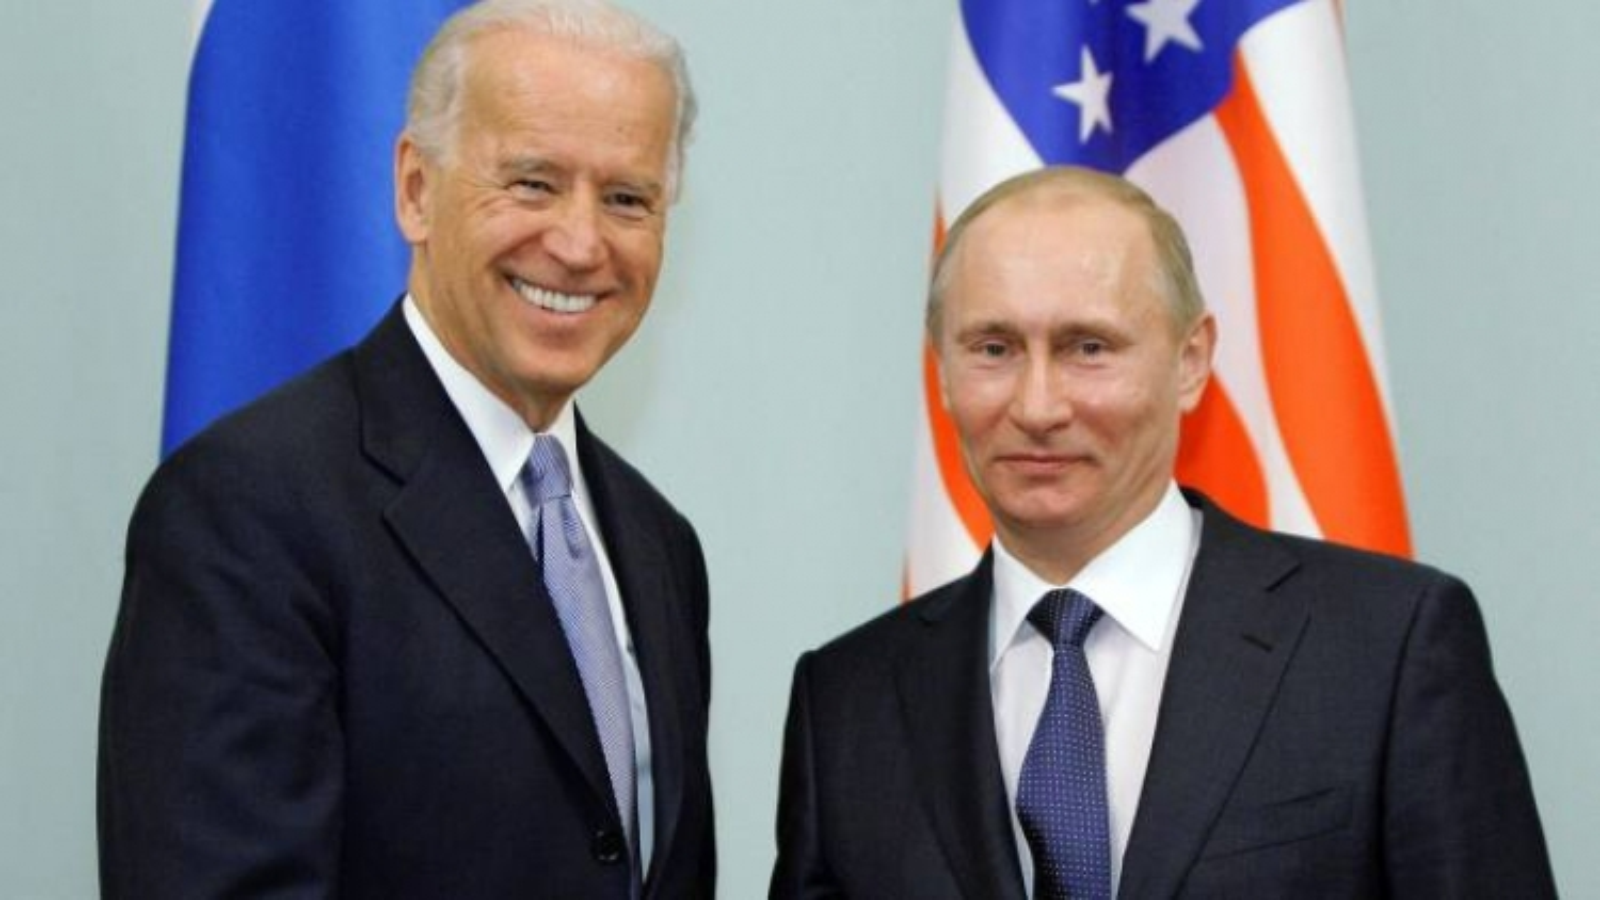 Hội nghị Thượng đỉnh Nga- Mỹ có thể diễn ra vào tháng 6 tới